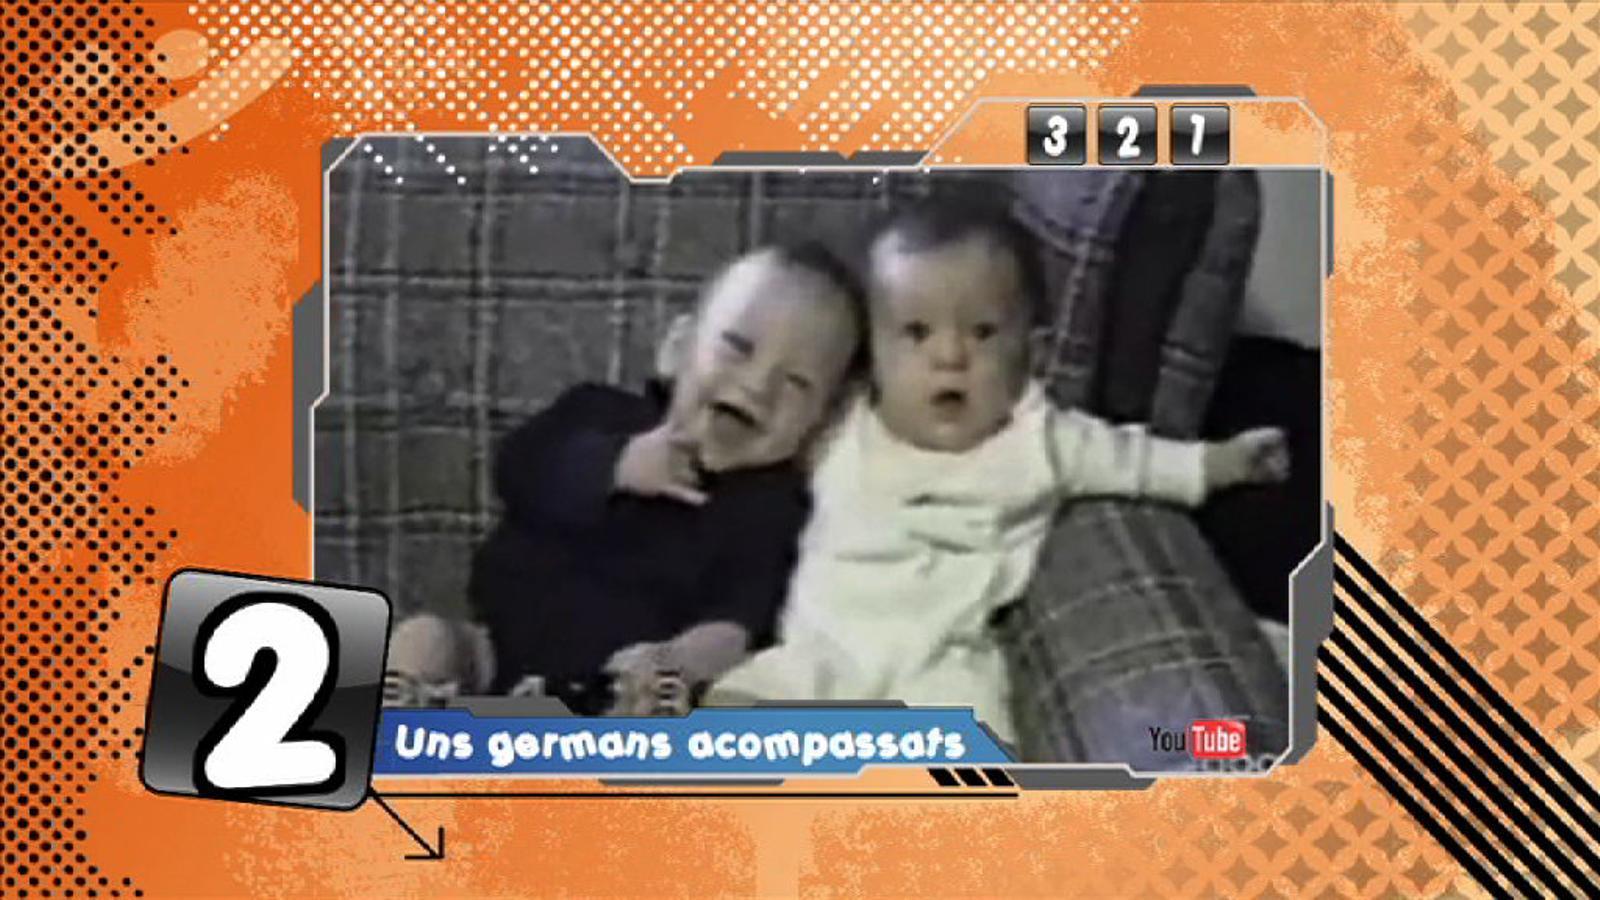 Criatures: 'El germà xumet', un vídeo del Youtube que encomana el riure